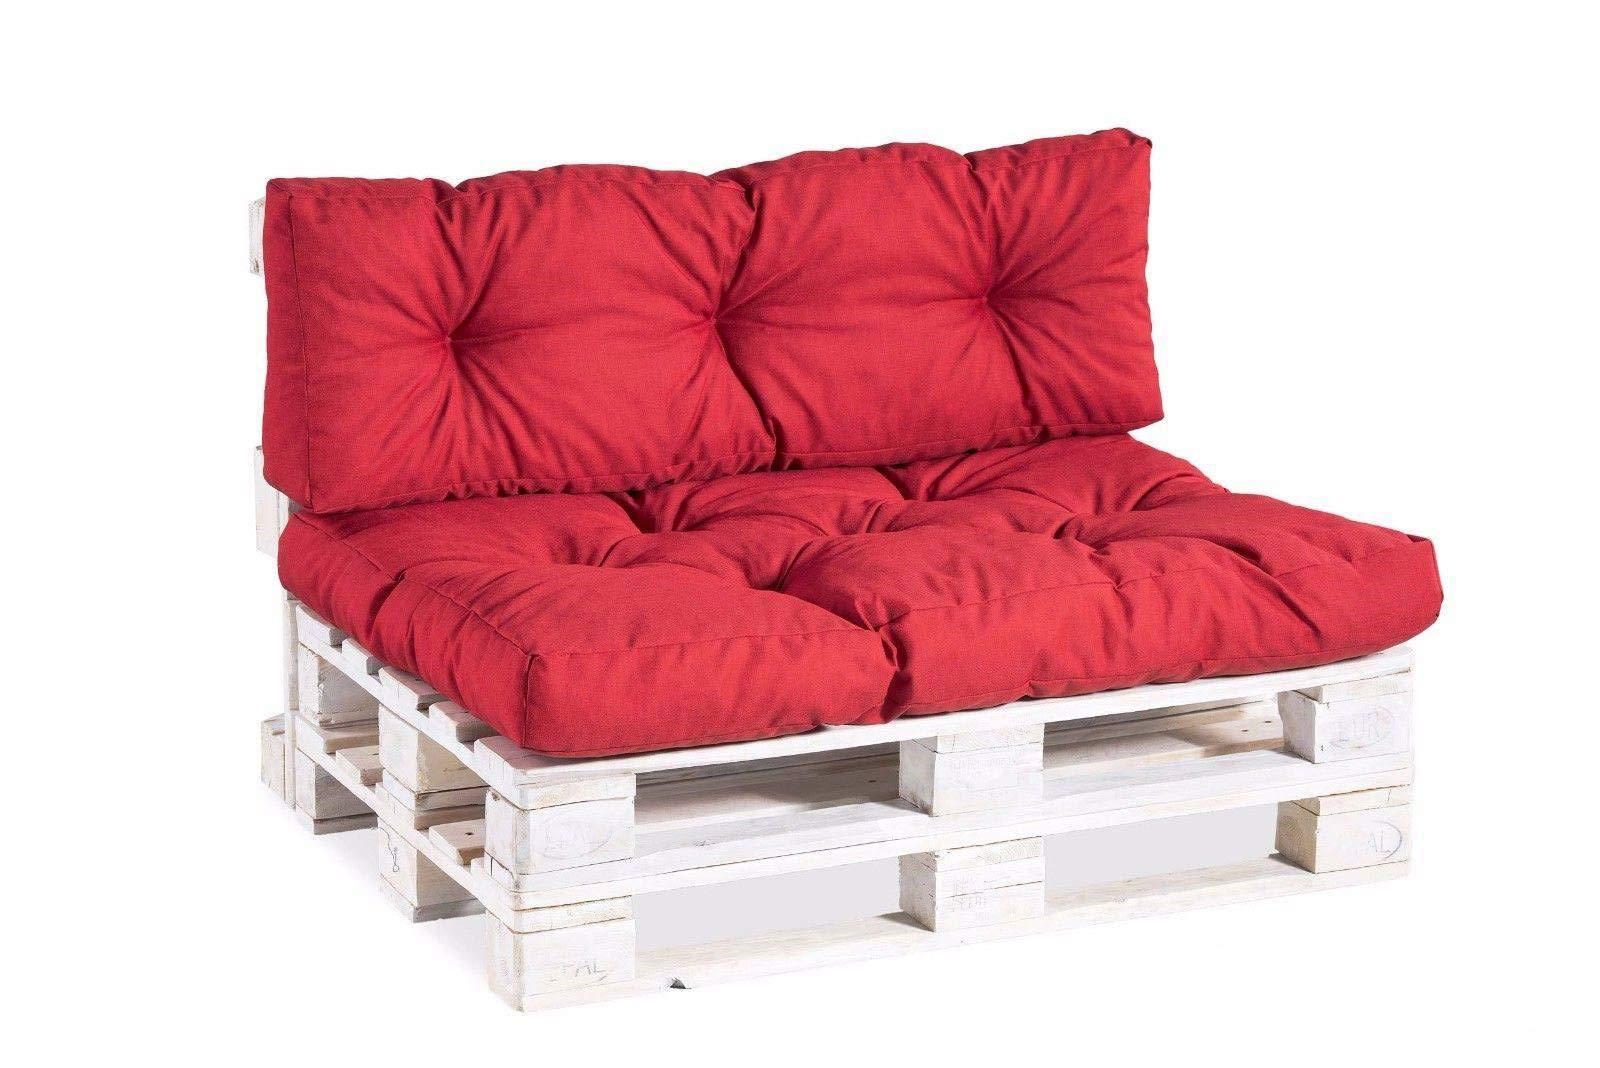 Coussins pour palettes, siège, appui, mousse, matelassée PP Set (Siège 120x80 + Appui 120x40, Rouge) product image